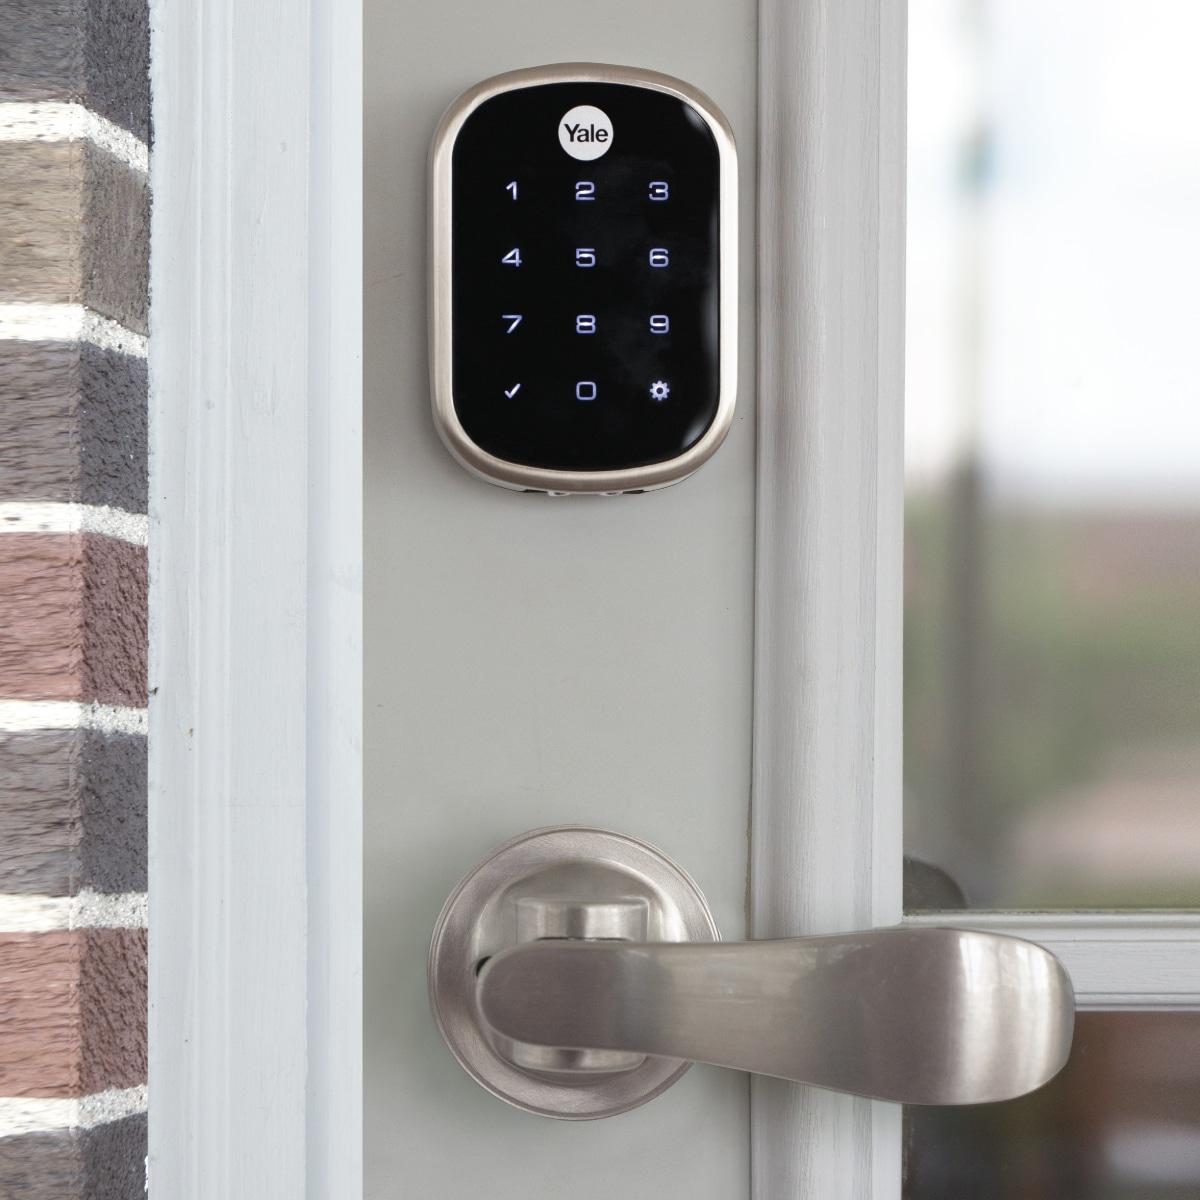 yale front door security